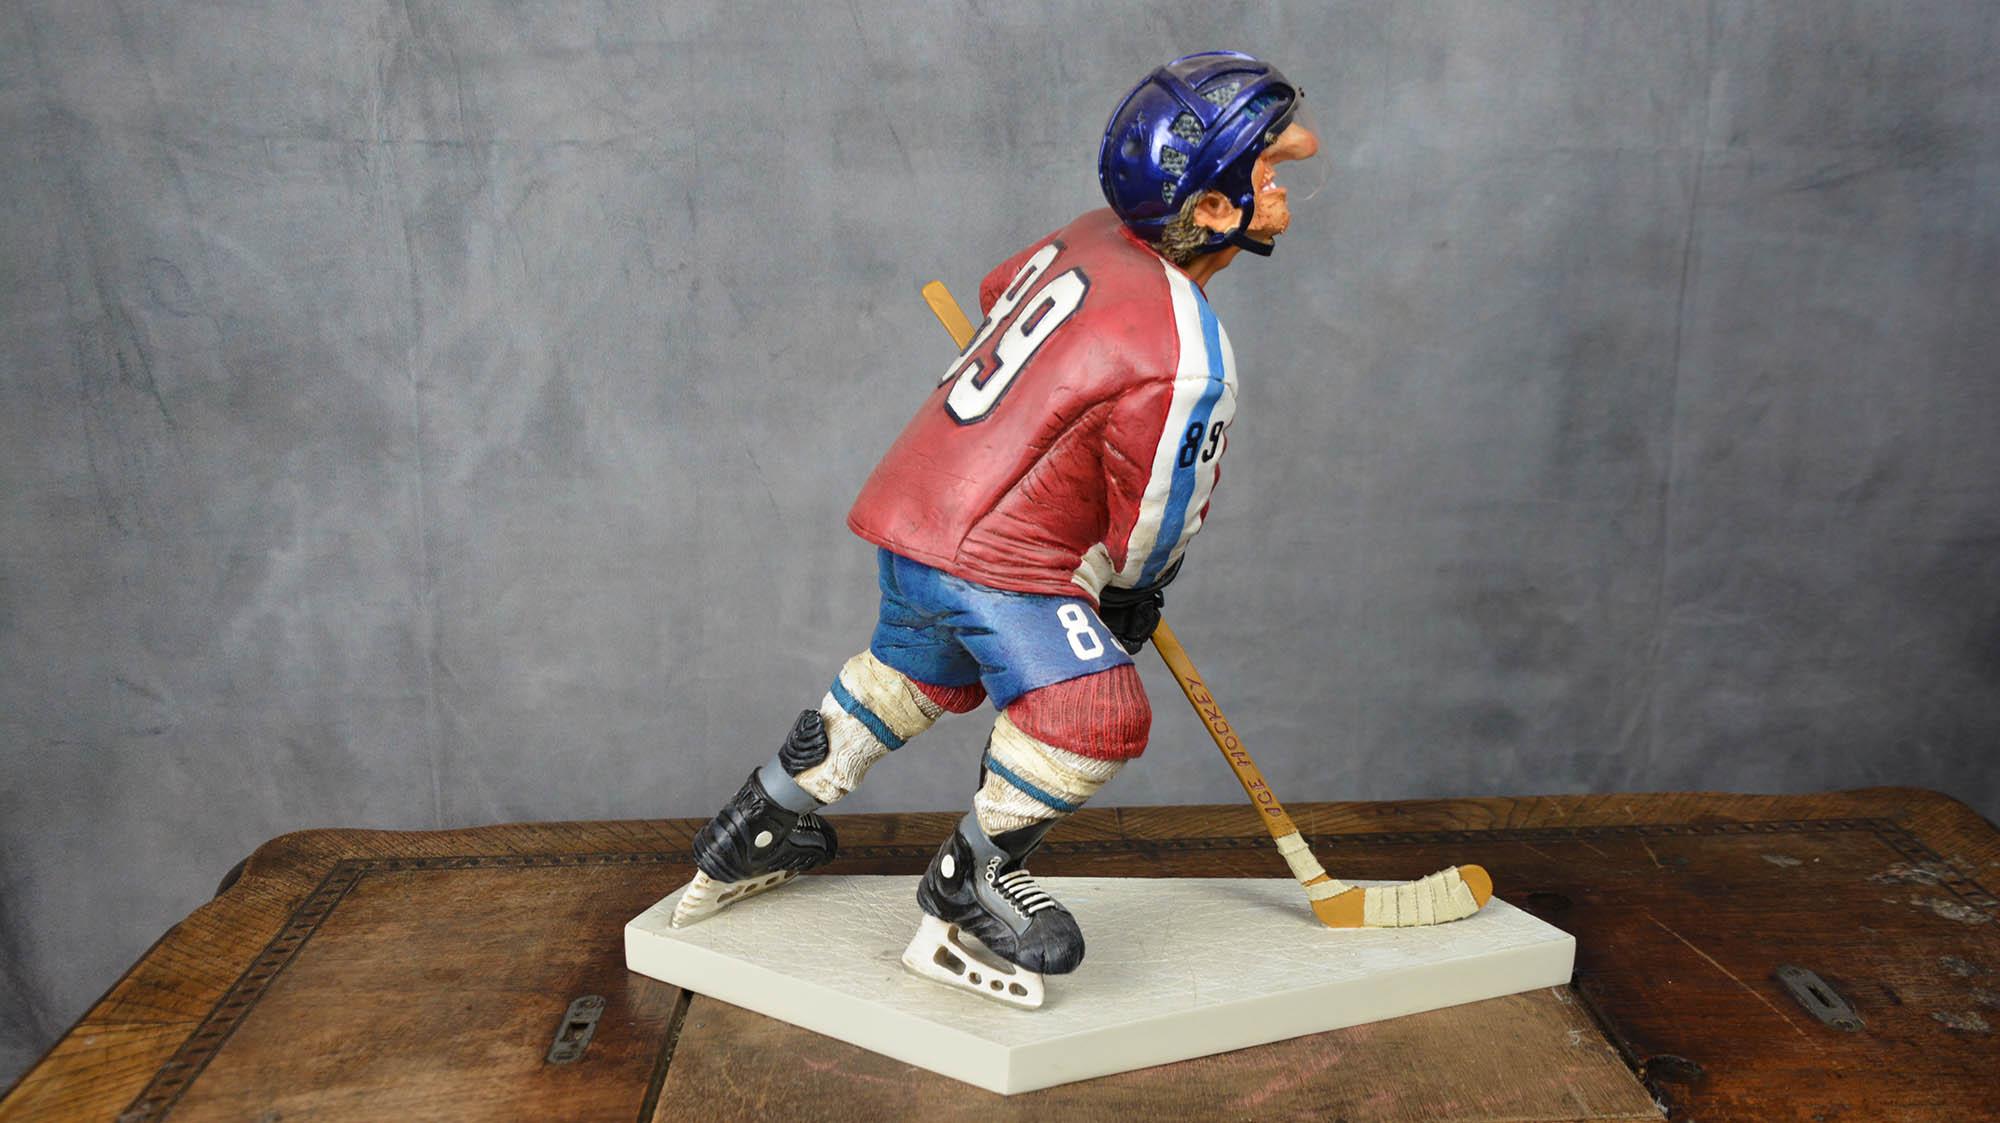 boutique figurine piece artisanale personnage hockeyeur parodie